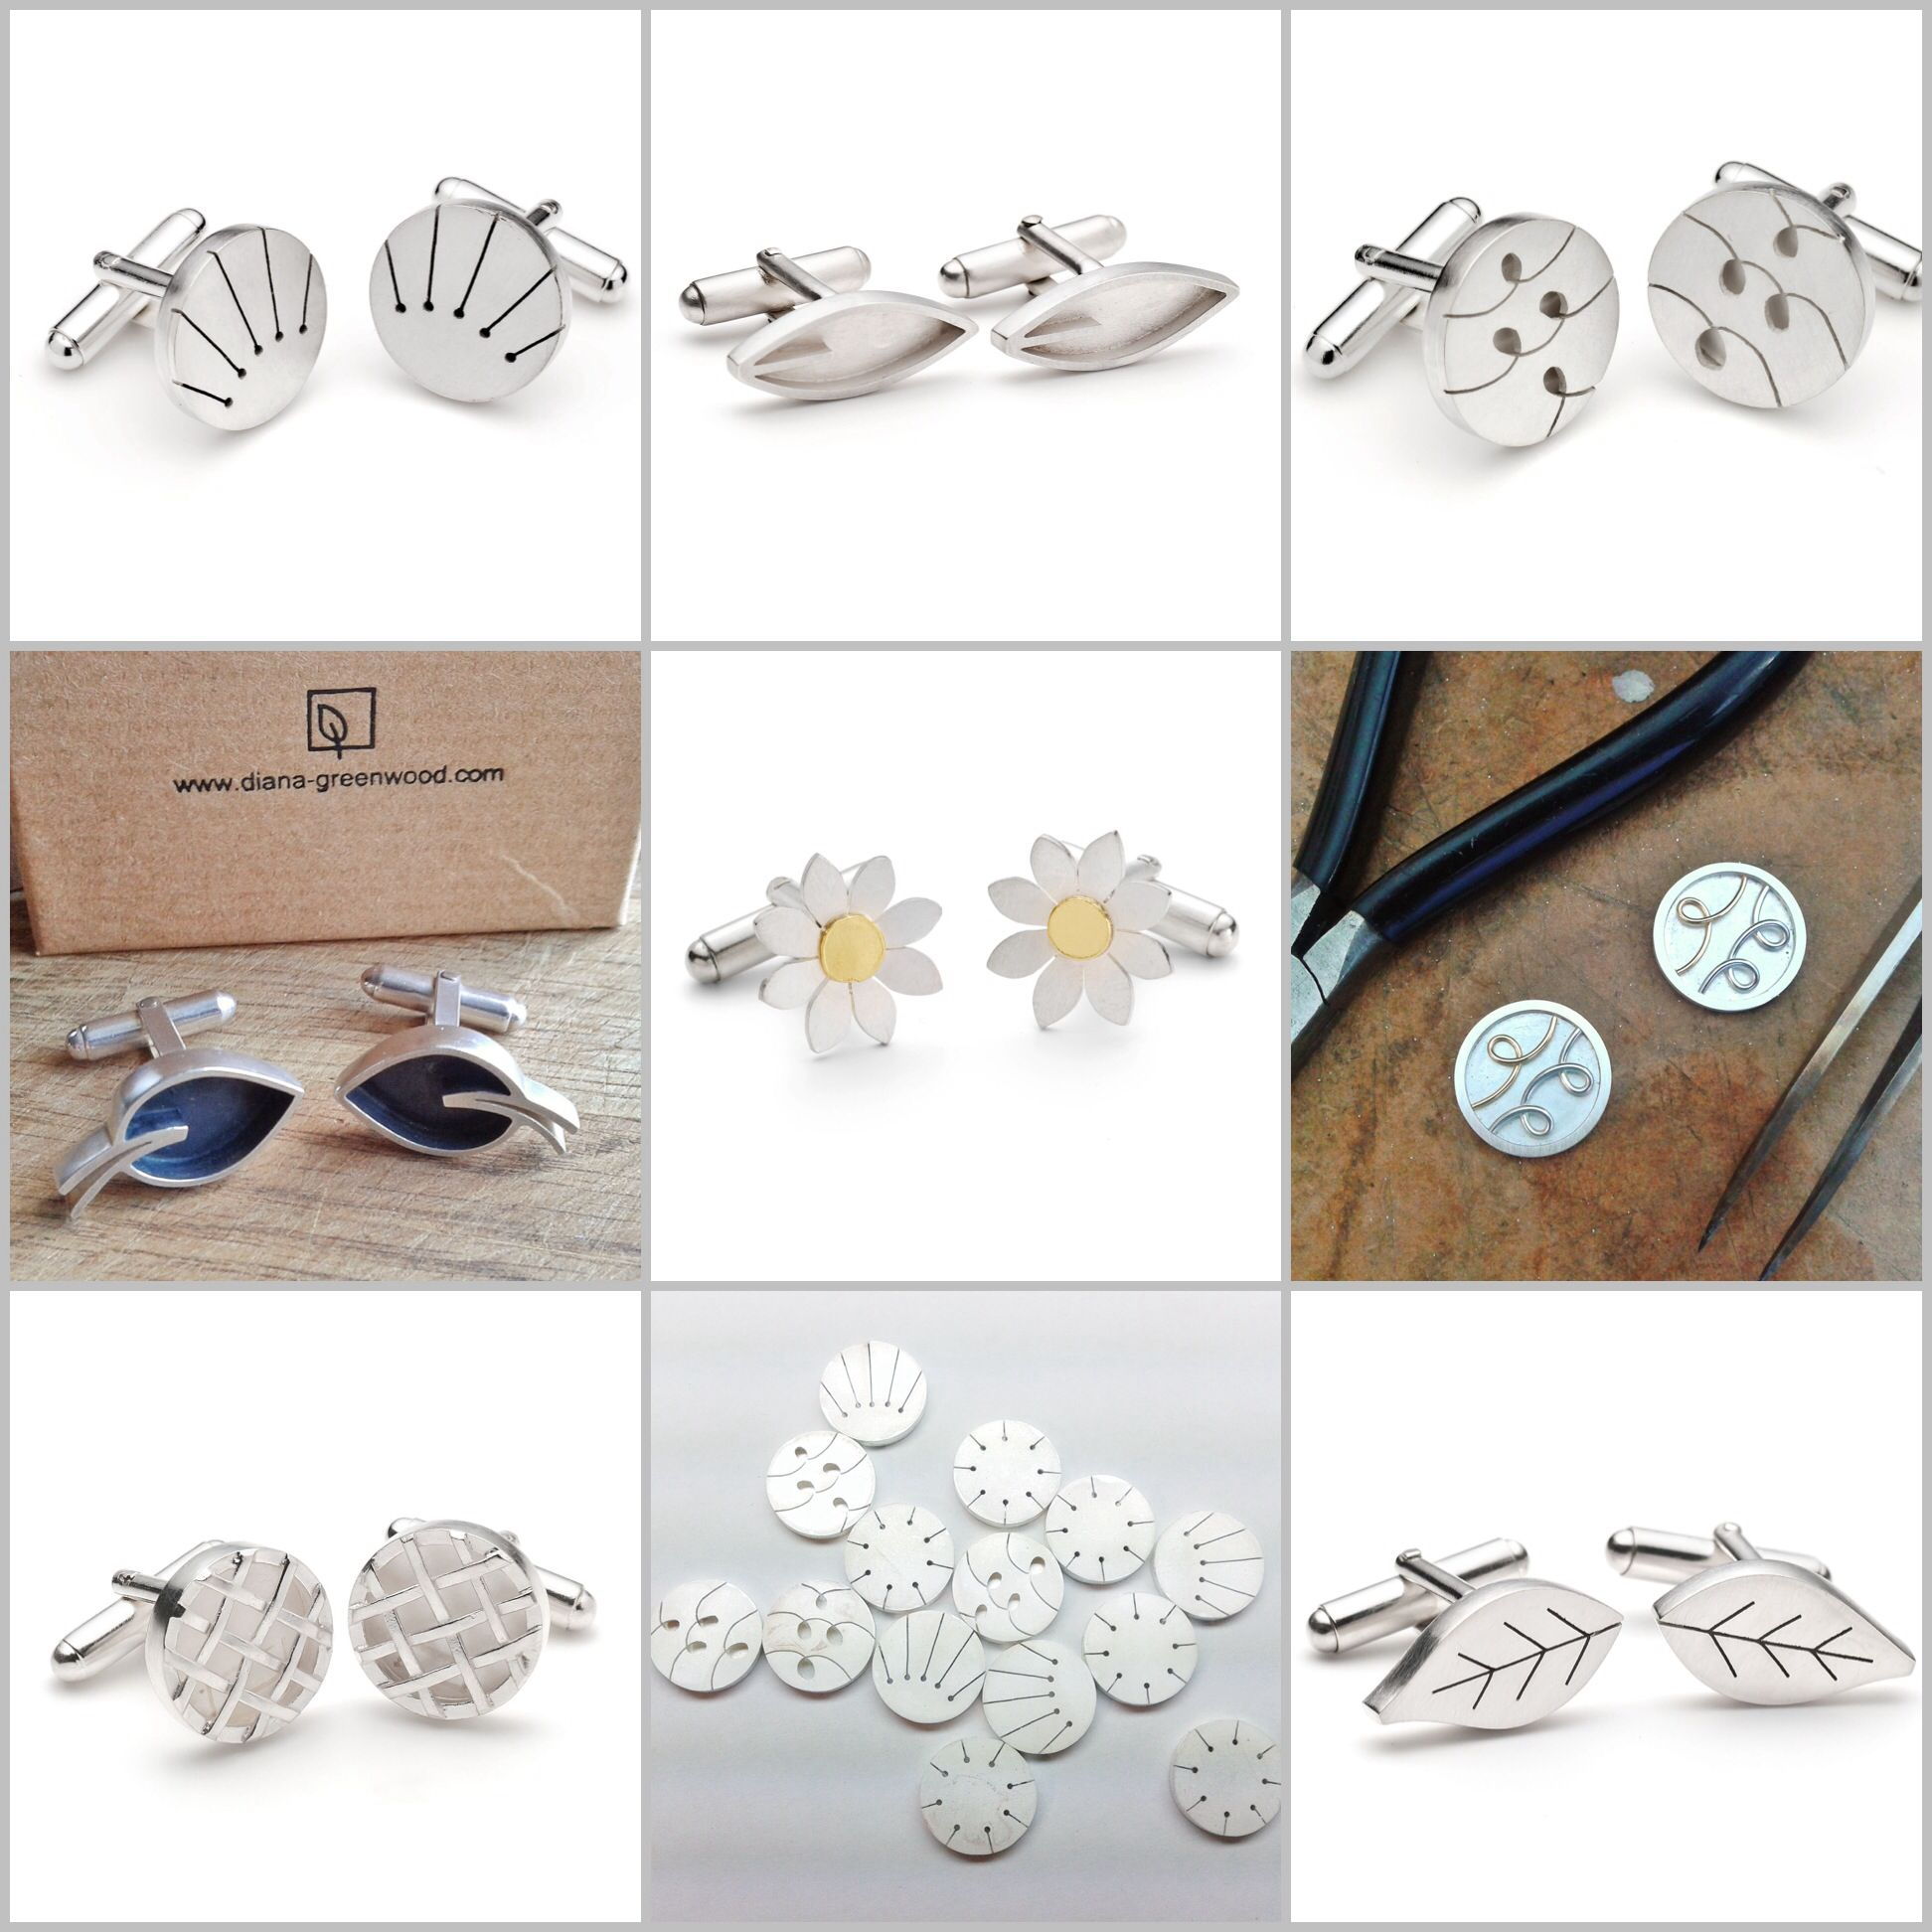 Cufflinks by Diana Greenwood www.diana-greenwood.com